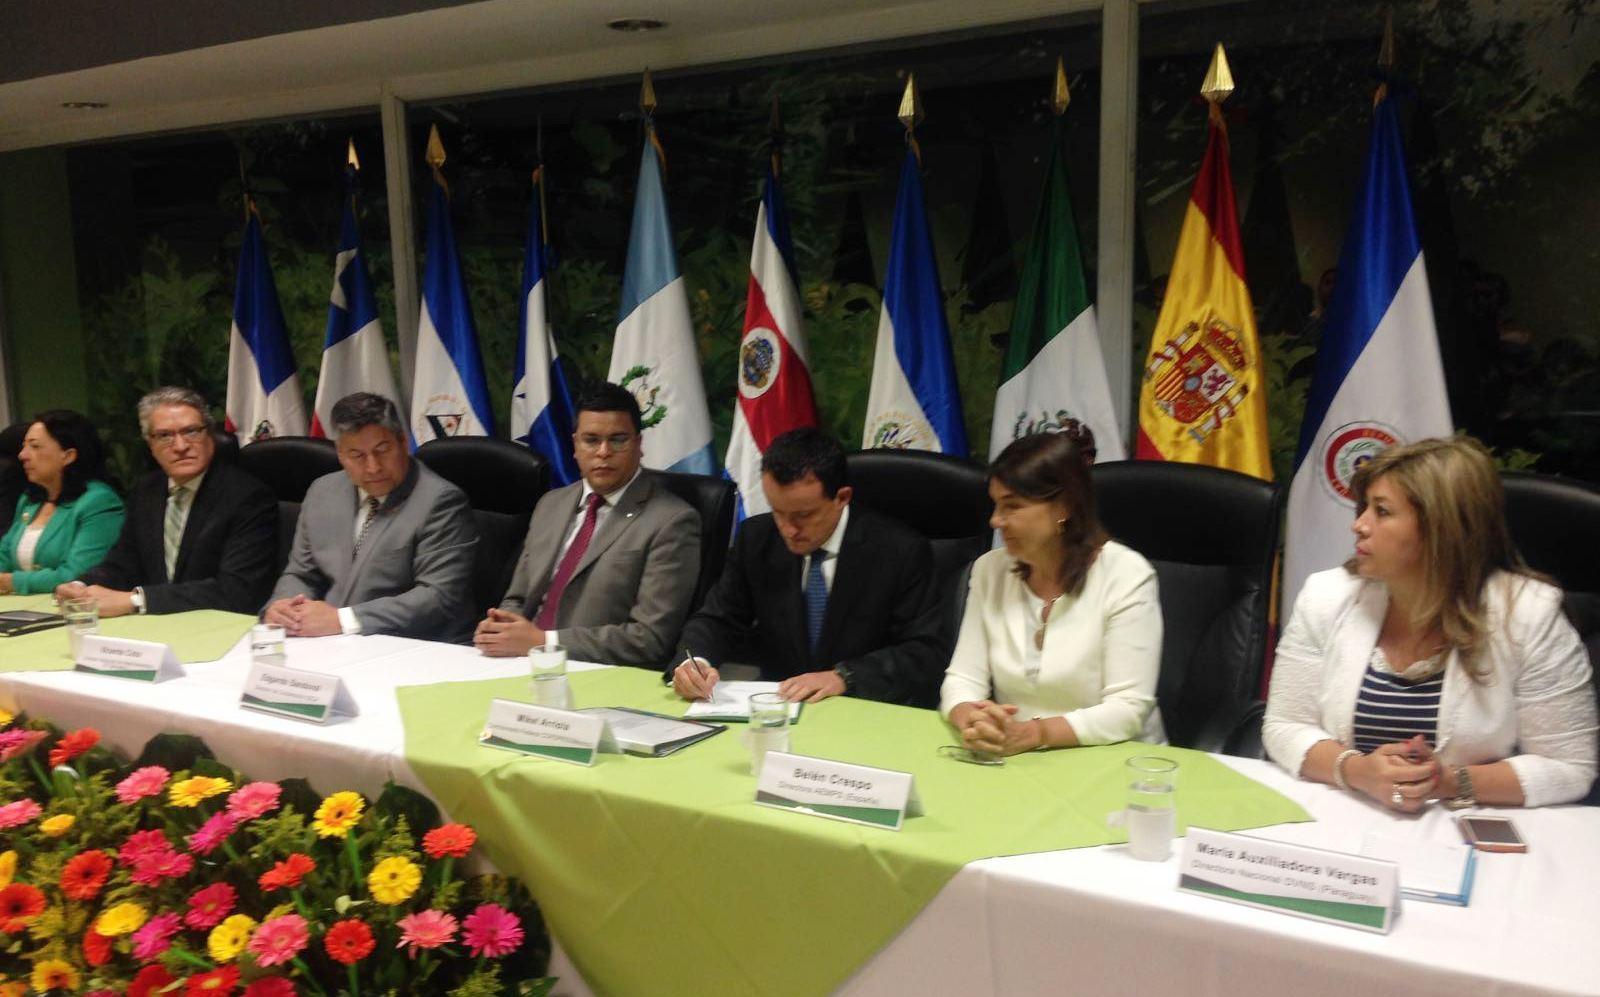 En El Salvador crean frente sanitario regional para proteger la salud de 230 millones de habitantes de publicidad engañosa.